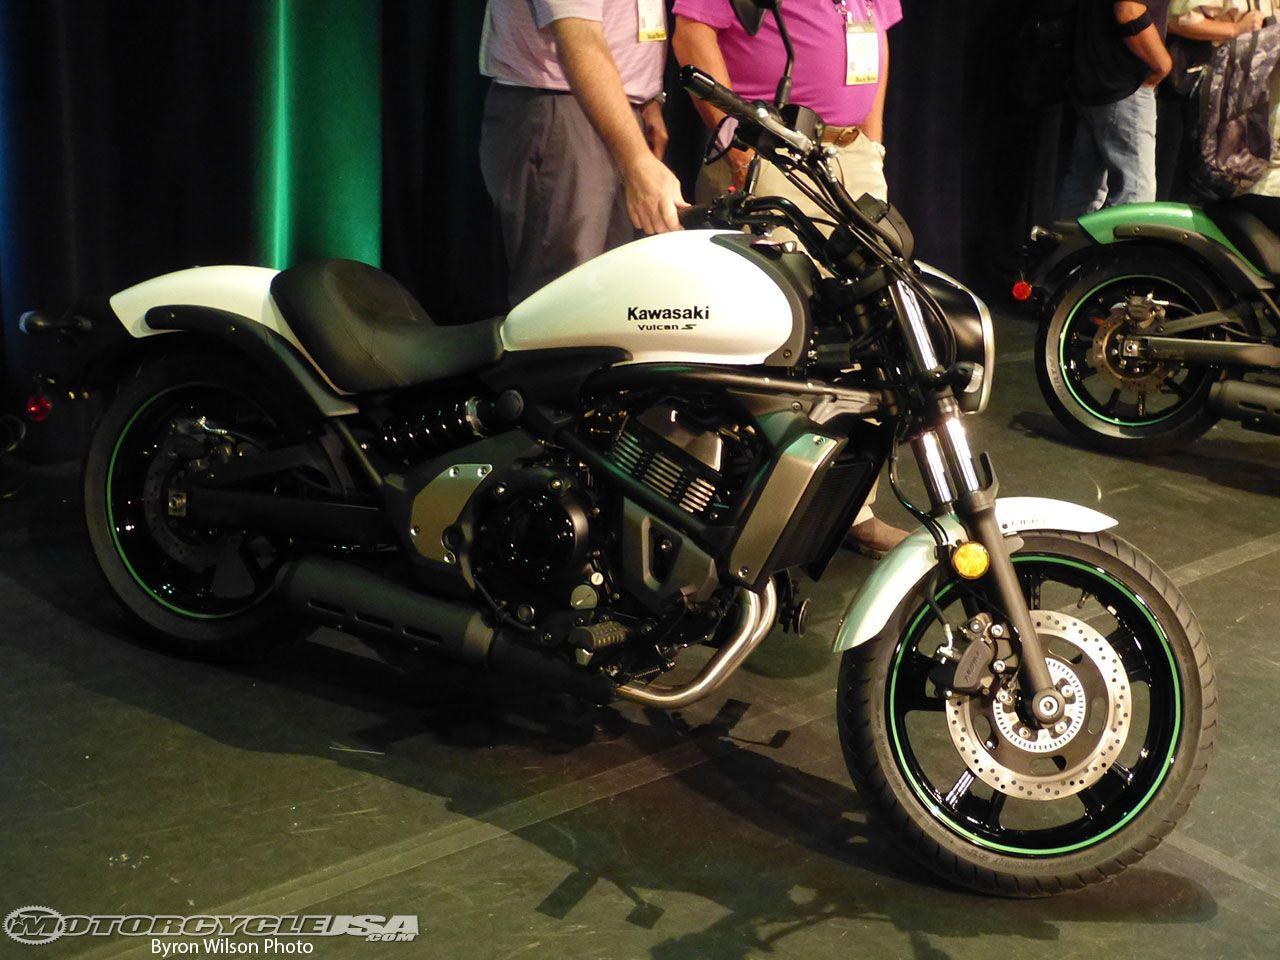 2015 Kawasaki Vulcan S First Look Kawasaki Vulcan S 2015